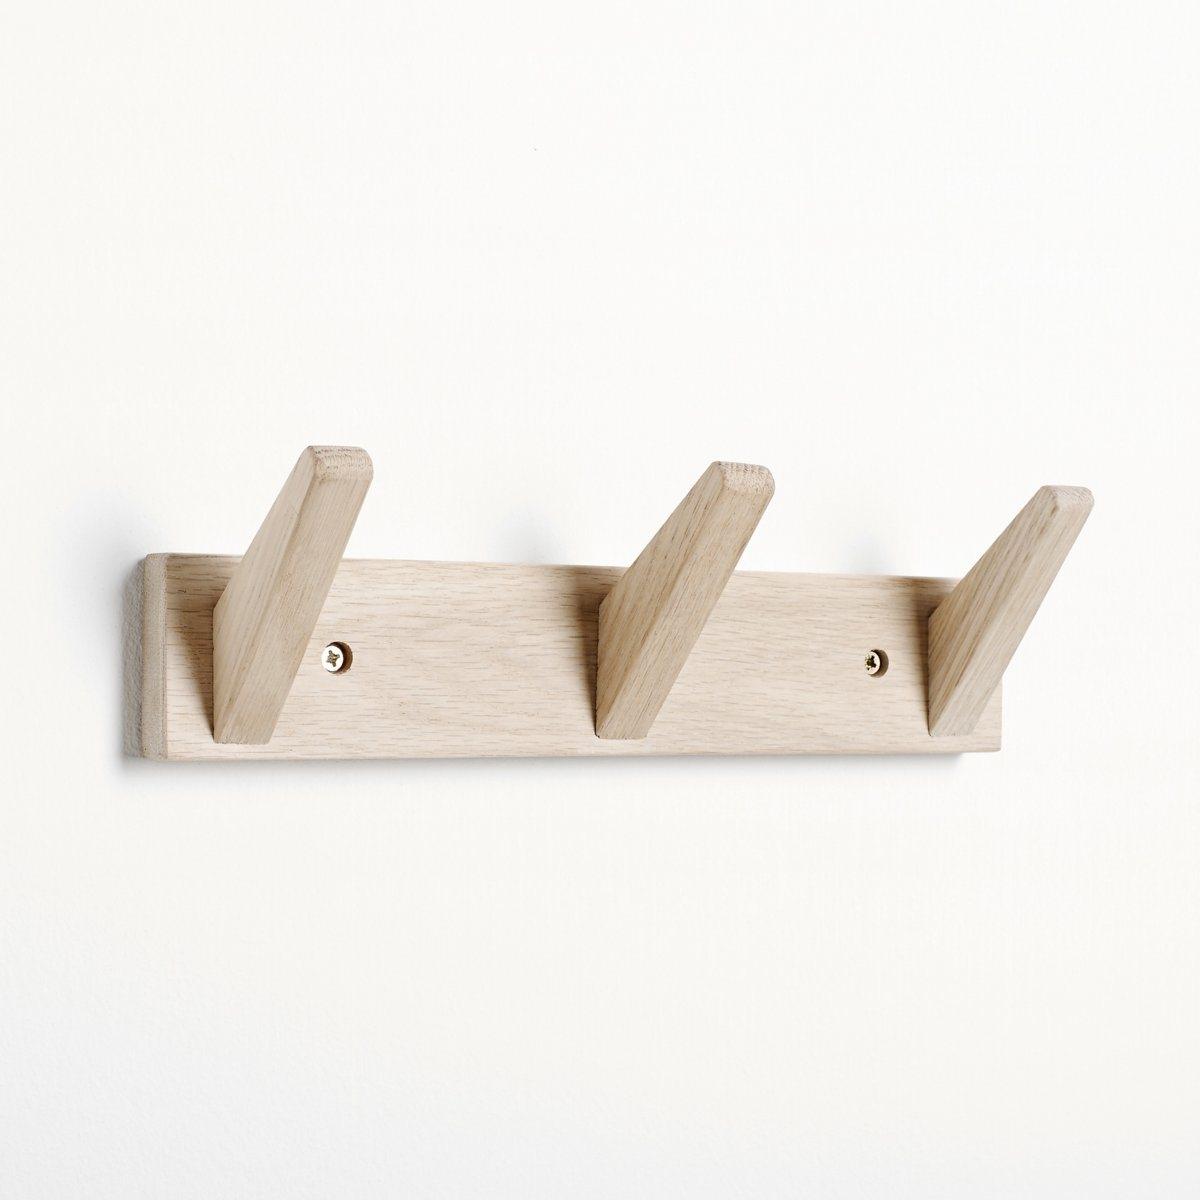 Вешалка с 3 крючкамиОписание вешалки с 3 крючками:Вешалка крепится к стене.Вешалка требует самостоятельного монтажа.Характеристики вешалки с 3 крючками:Выполнена из беленого дуба.Металлическое основание.Размеры вешалки с 3 крючками:Длина: 31 см.Глубина: 9 см.Высота: 6 см.Размеры и вес посылки:1 посылкаД. 38 x В. 10 x Г. 3,5 см, 0,5 кг.<br><br>Цвет: бежевый экрю<br>Размер: единый размер